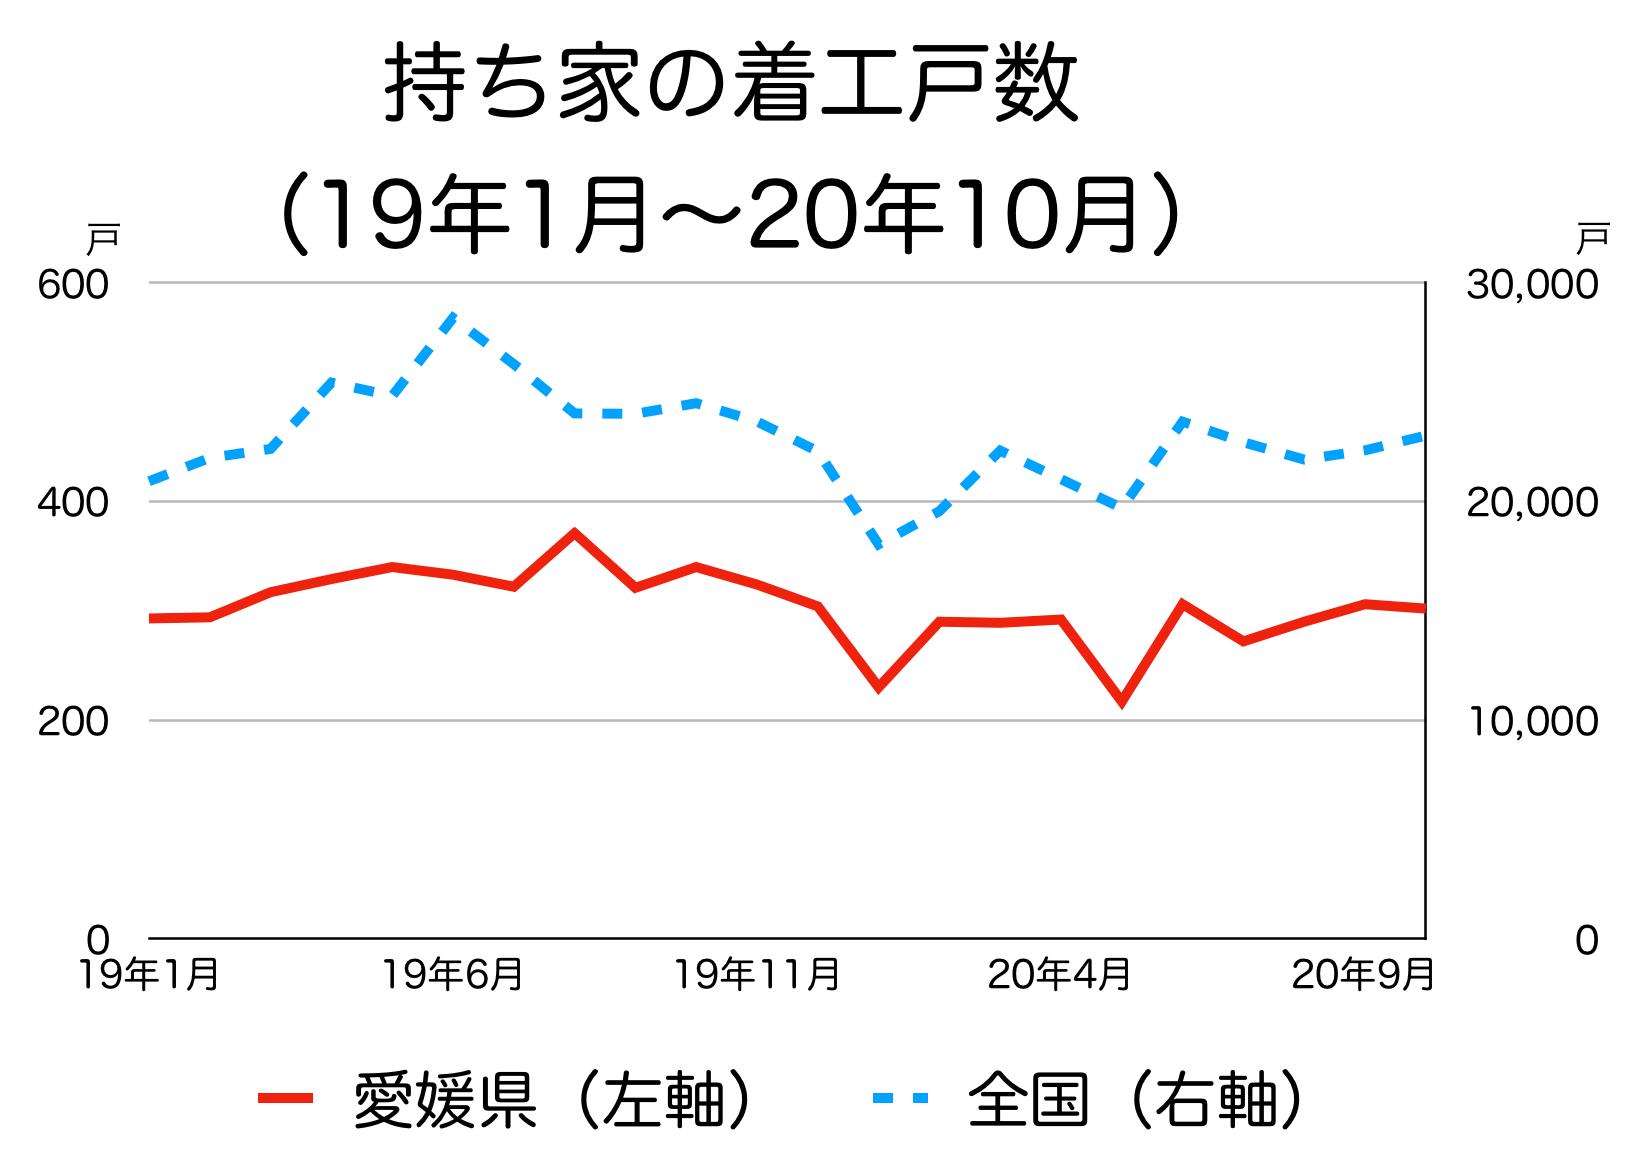 愛媛県の新築着工統計